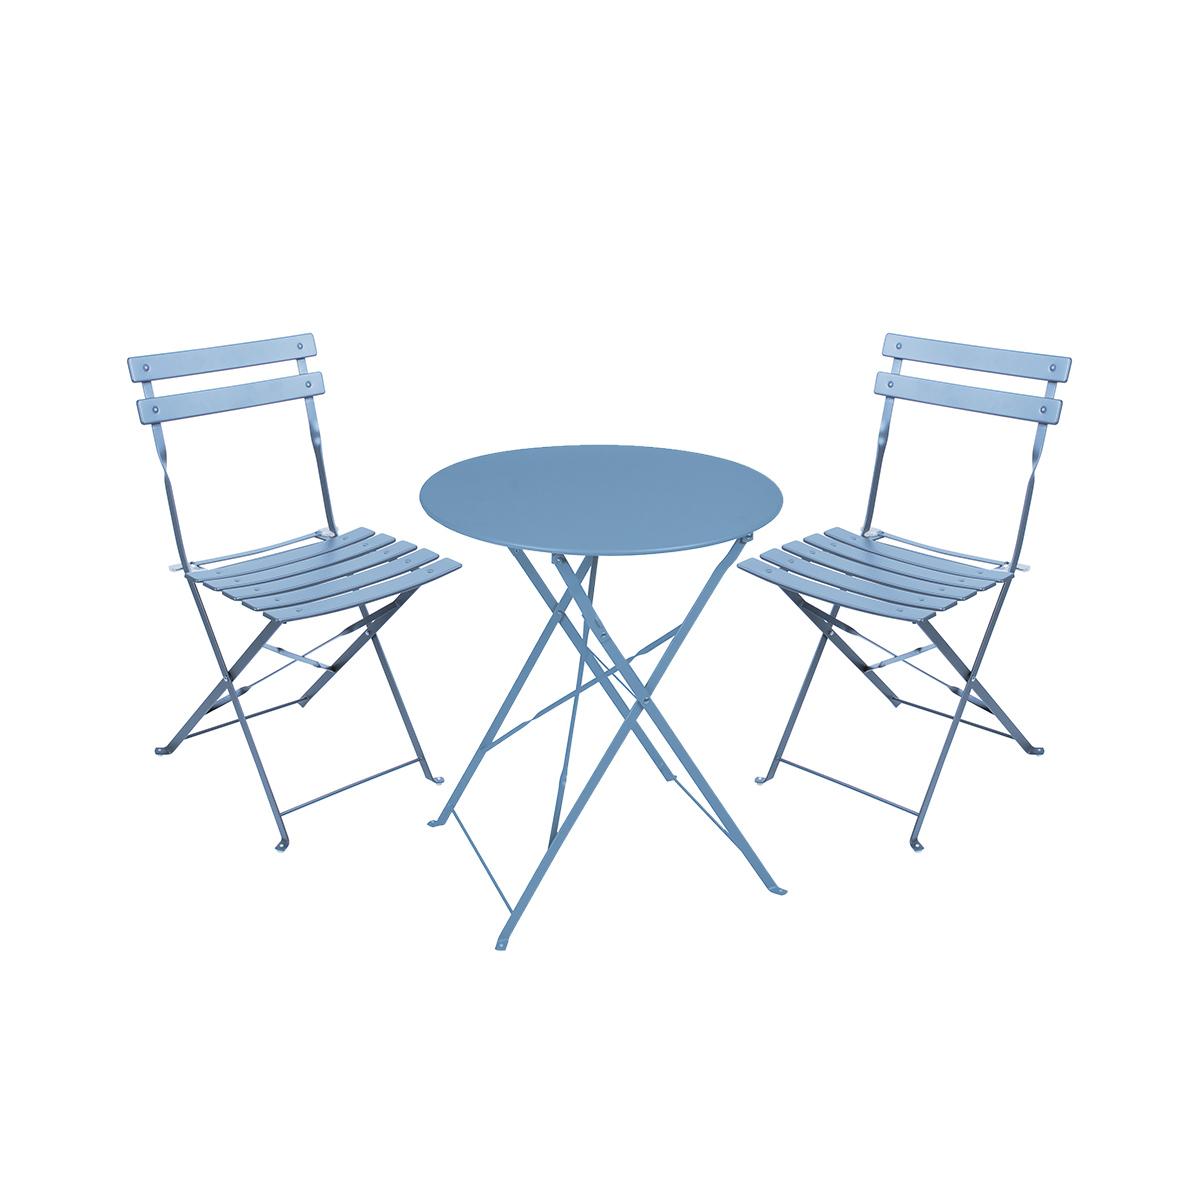 Salon de jardin 2 places en acier pliables mistral bleu t...